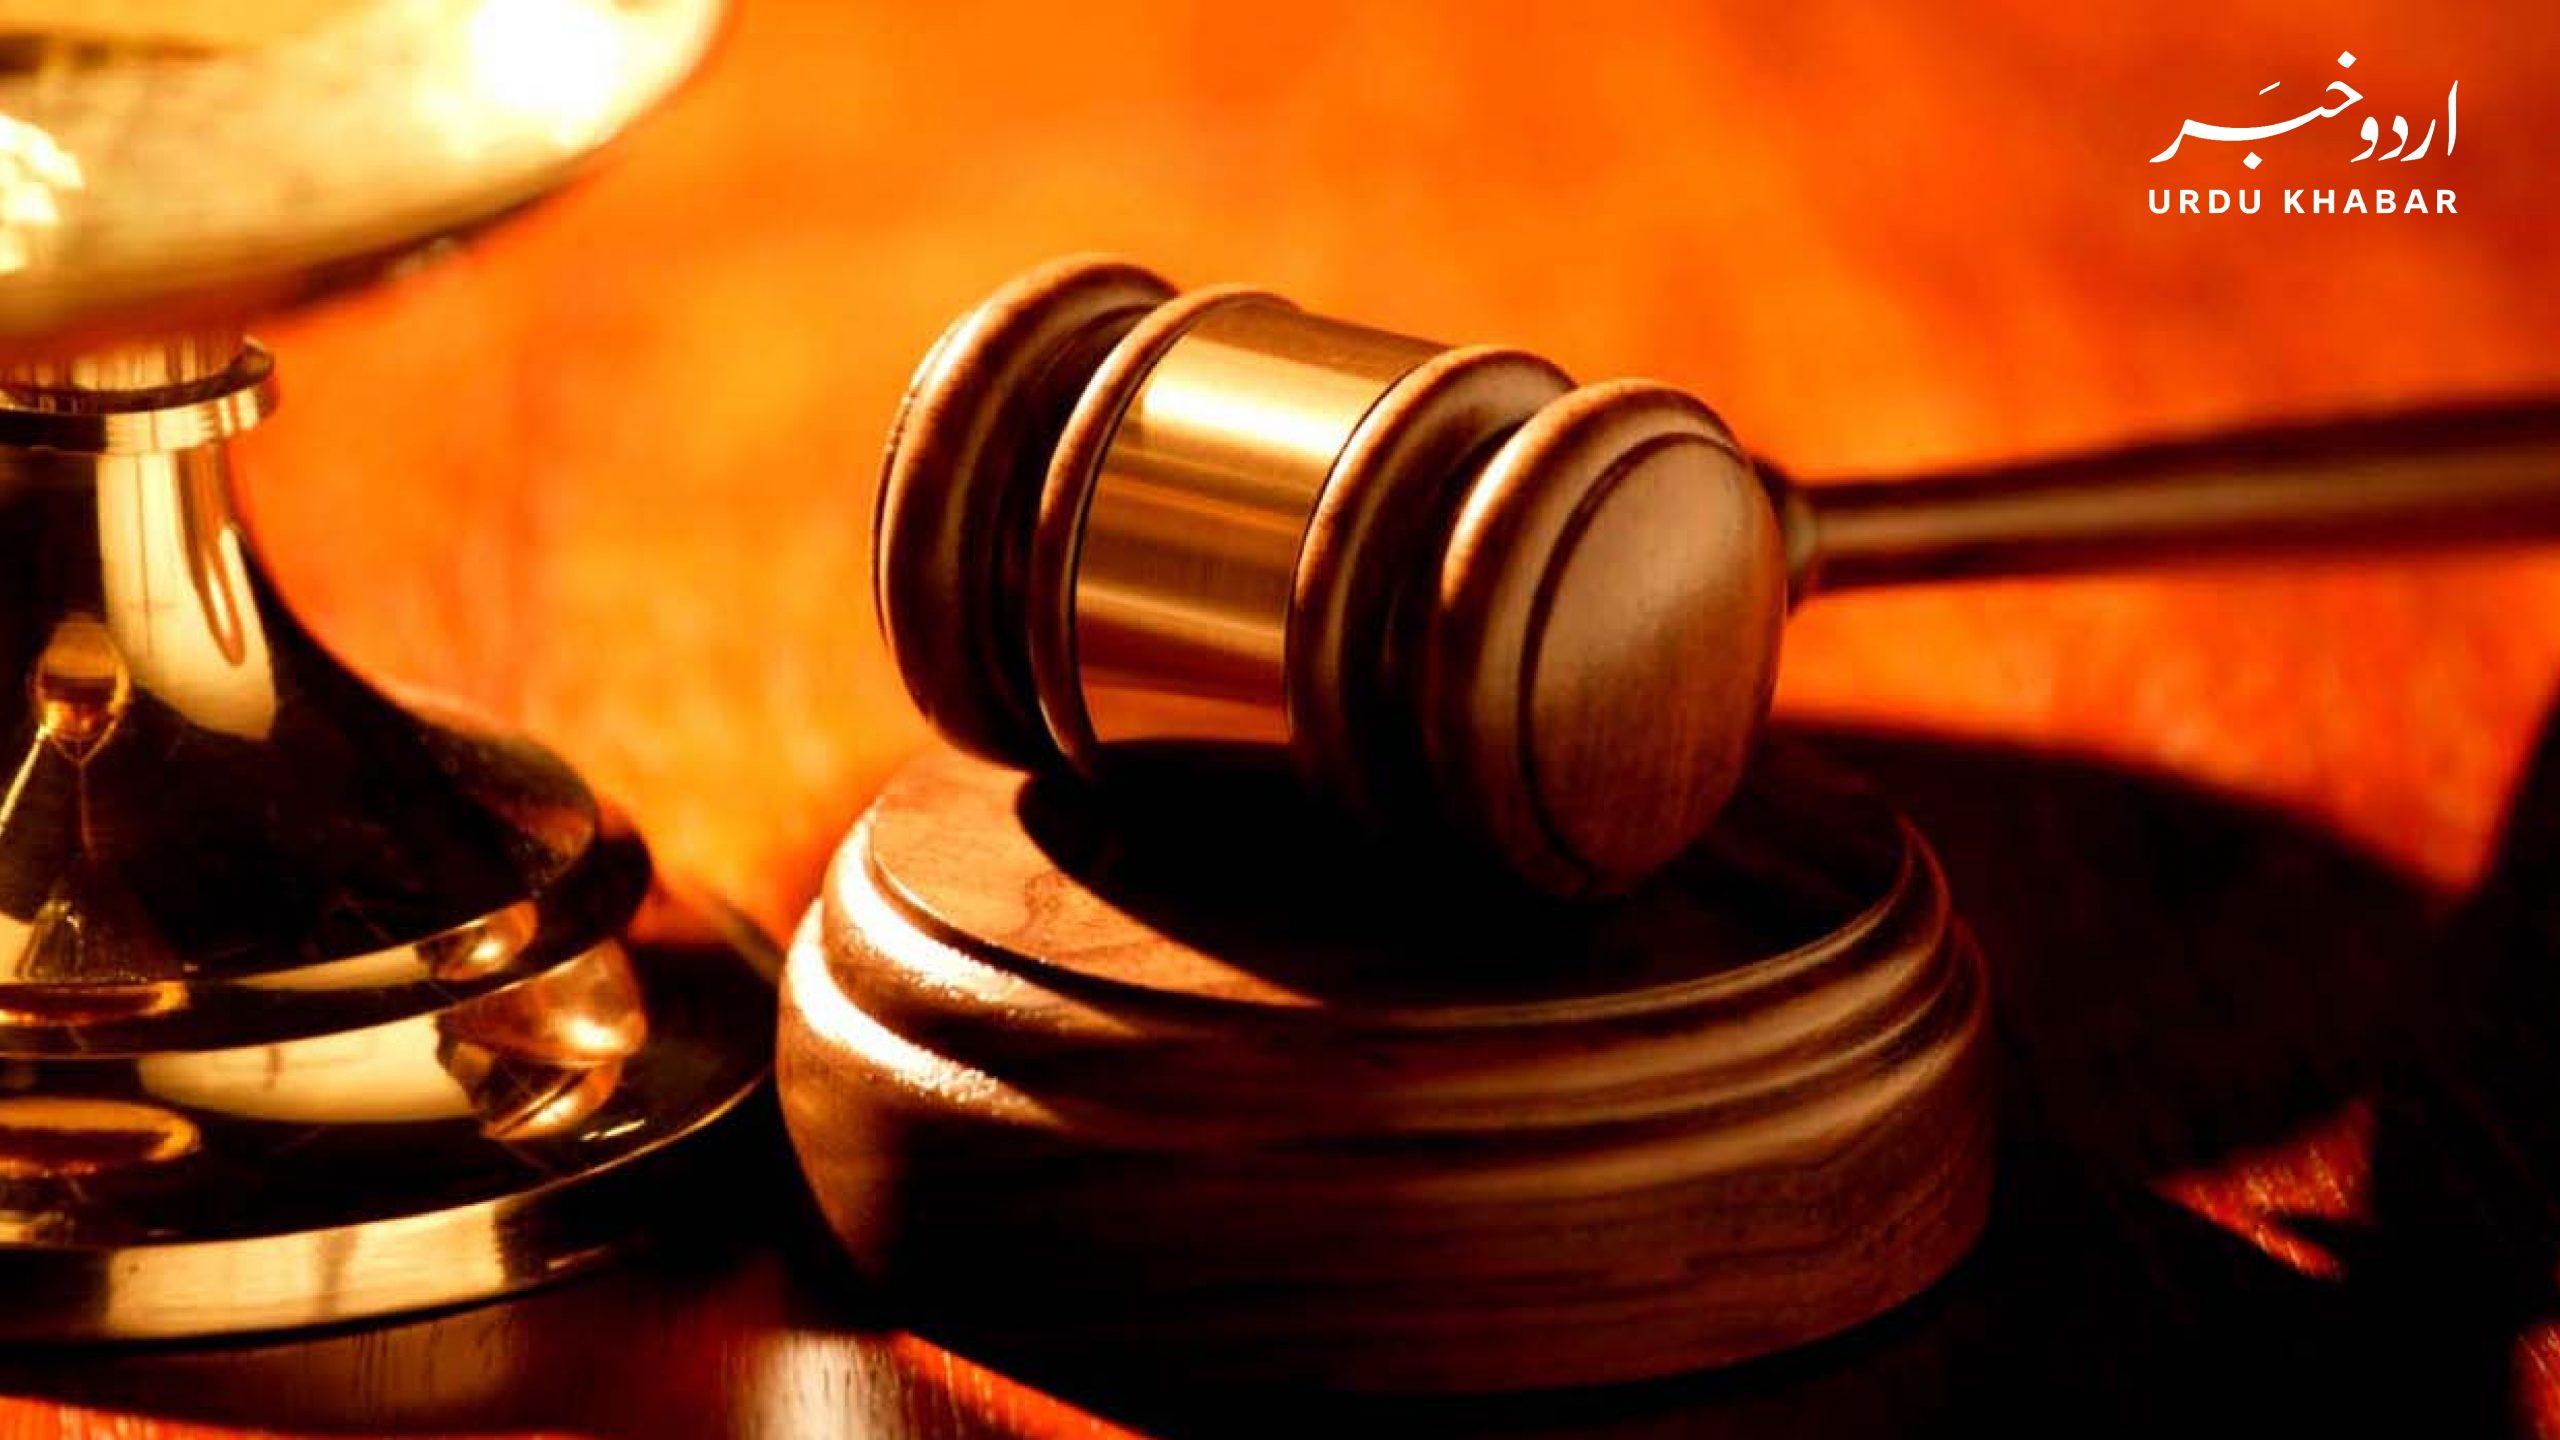 پاکستان کی گستاخانہ خاکوں کے خلاف بین الاقوامی عدالت جانے کے مصر کے فیصلے کی حمایت